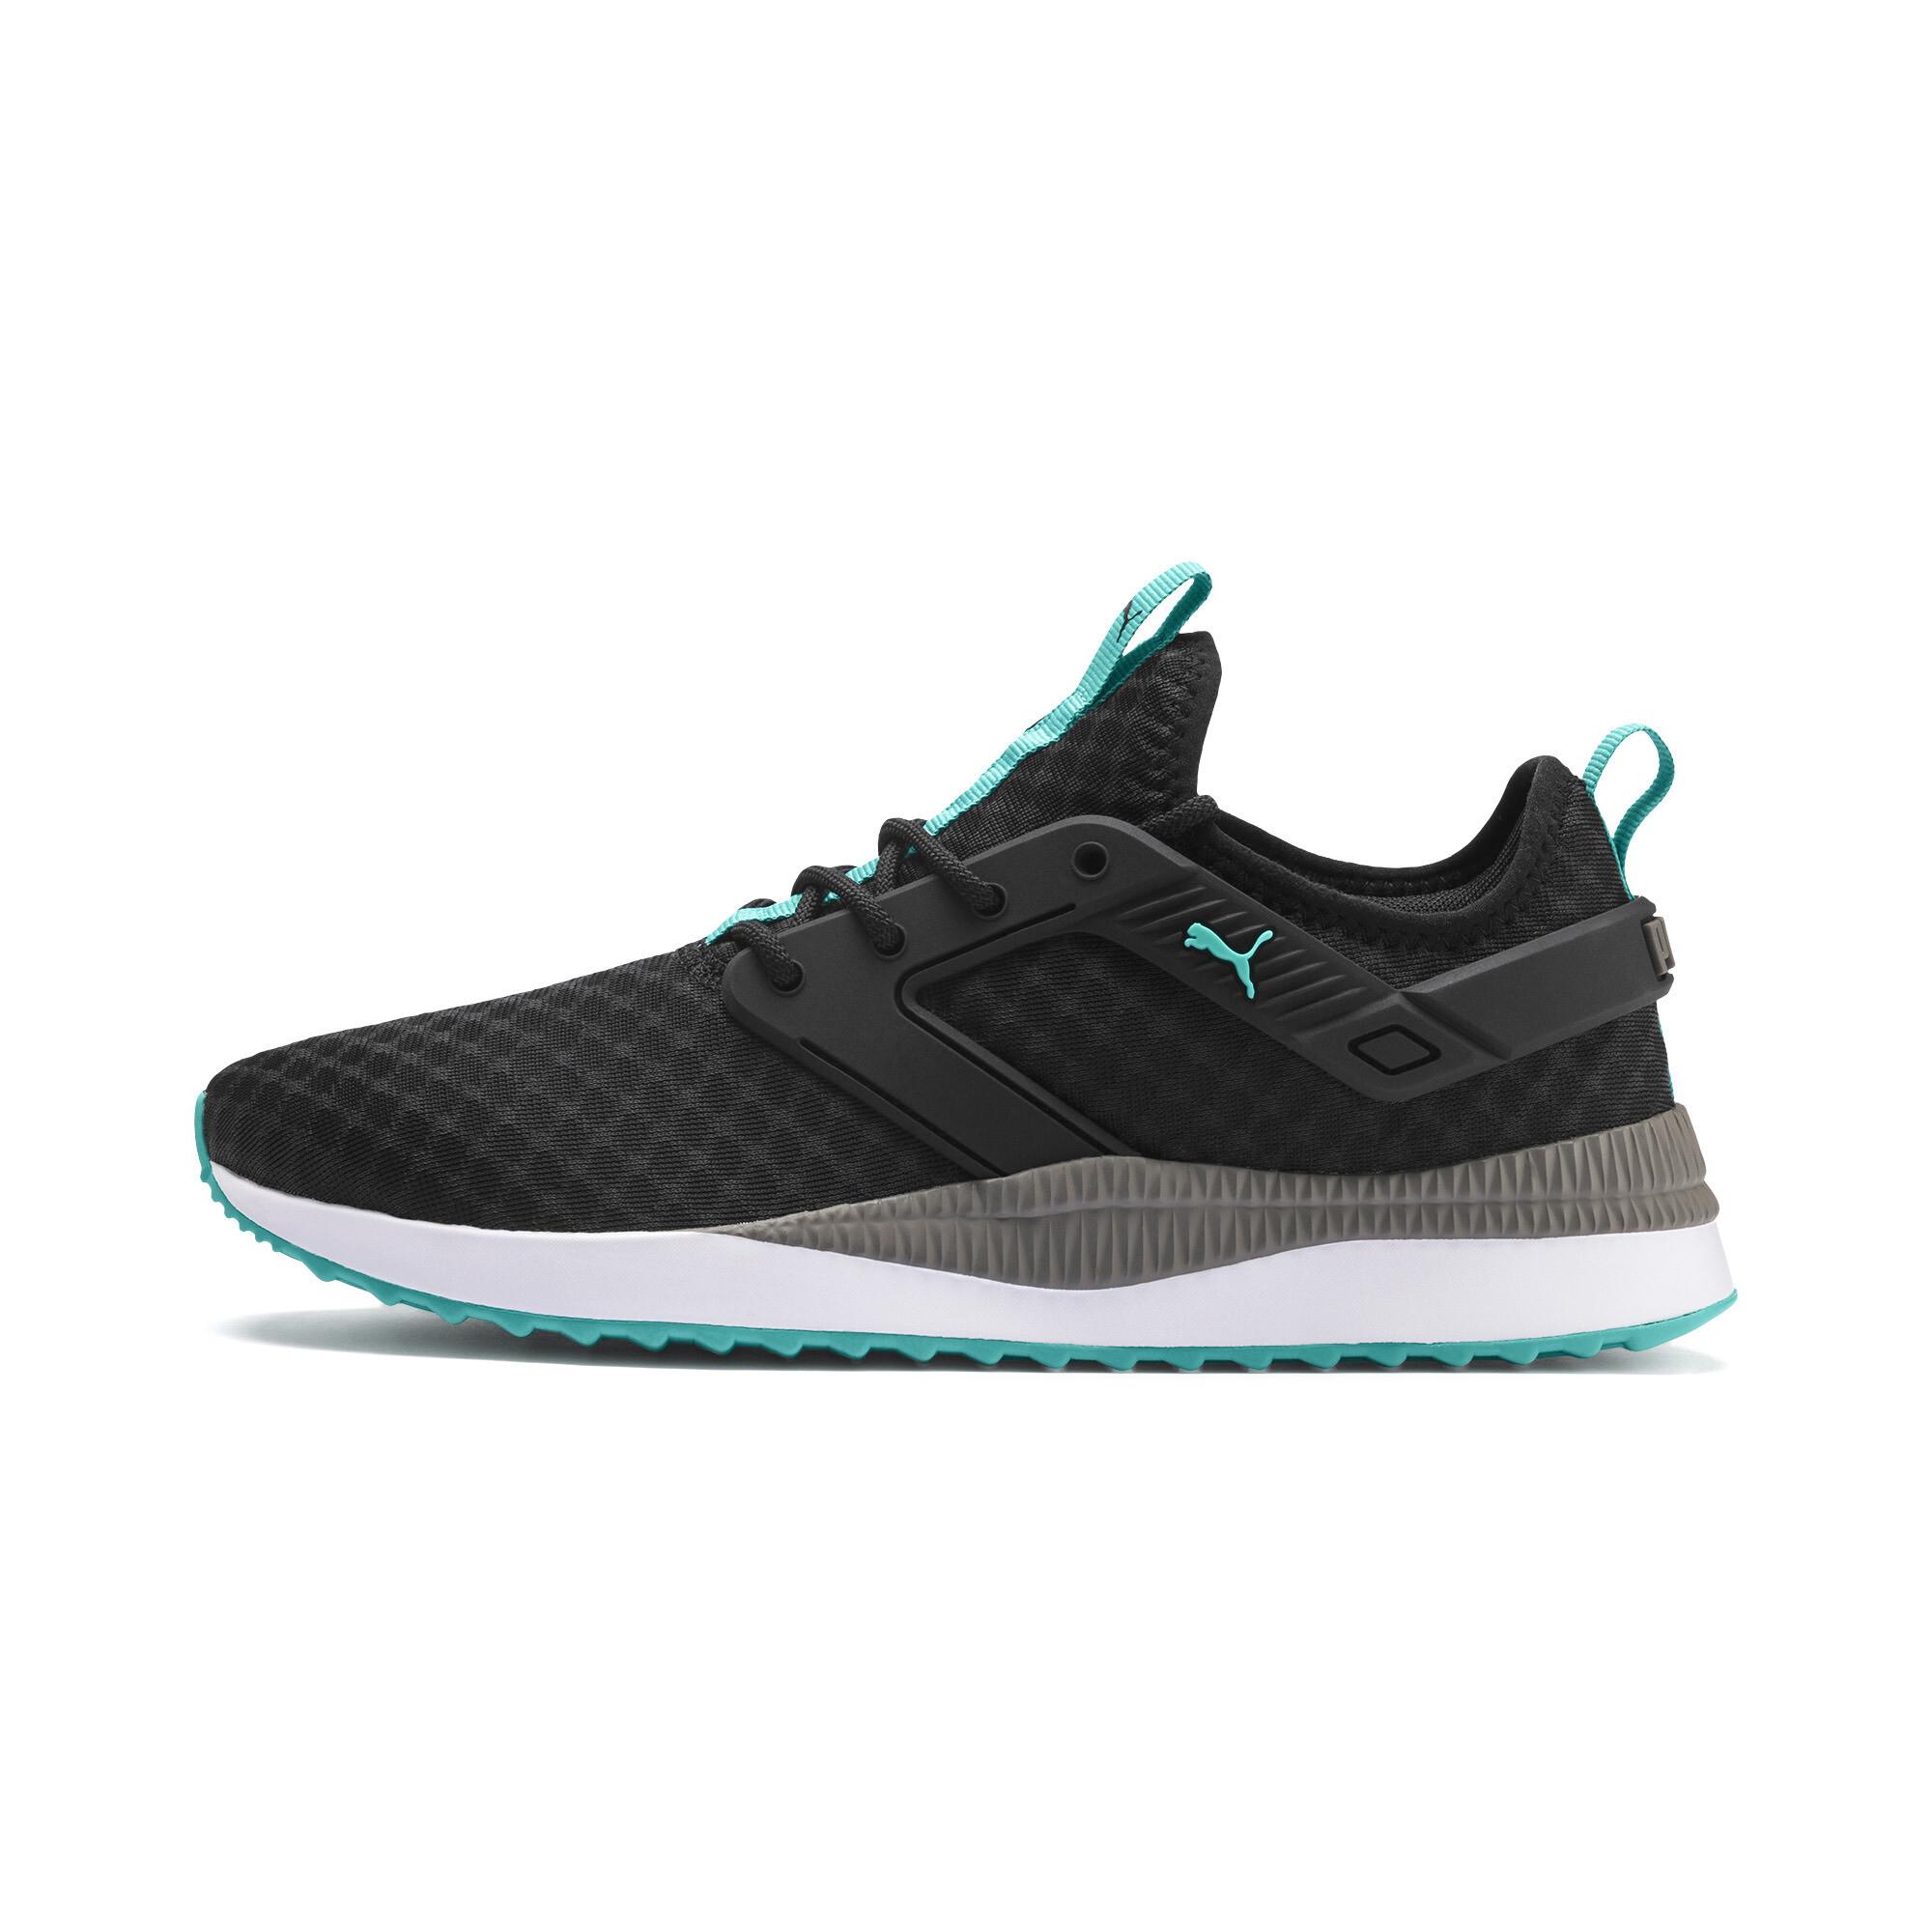 PUMA-Pacer-Next-Excel-Core-Men-039-s-Sneakers-Men-Shoe-Basics thumbnail 4